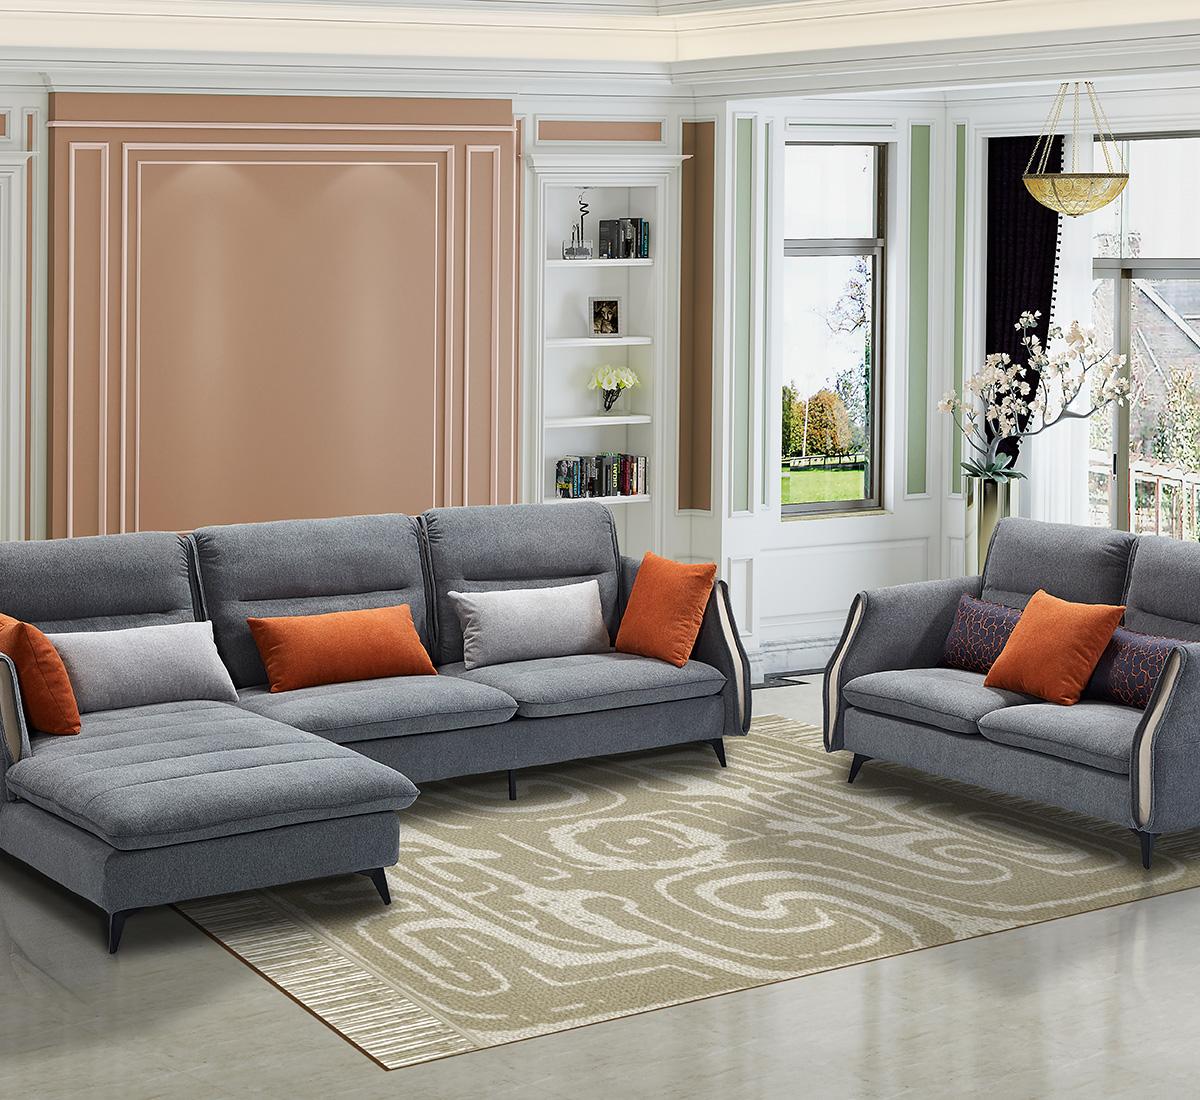 安徽小户型沙发图片